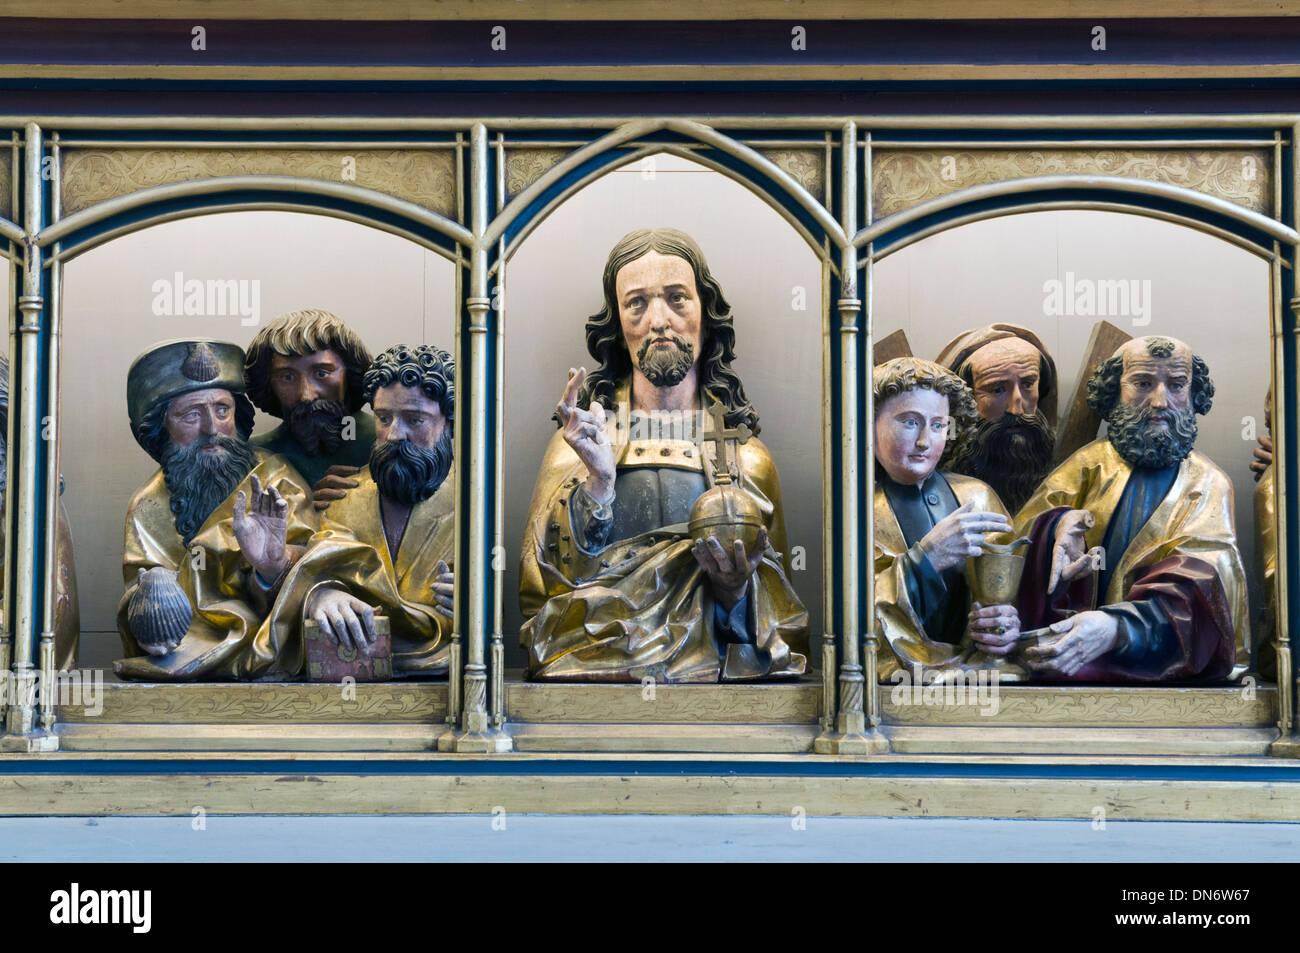 Elk213-2905 France, Alsace, Colmar, Unterlinden Museum, altar retable - Stock Image